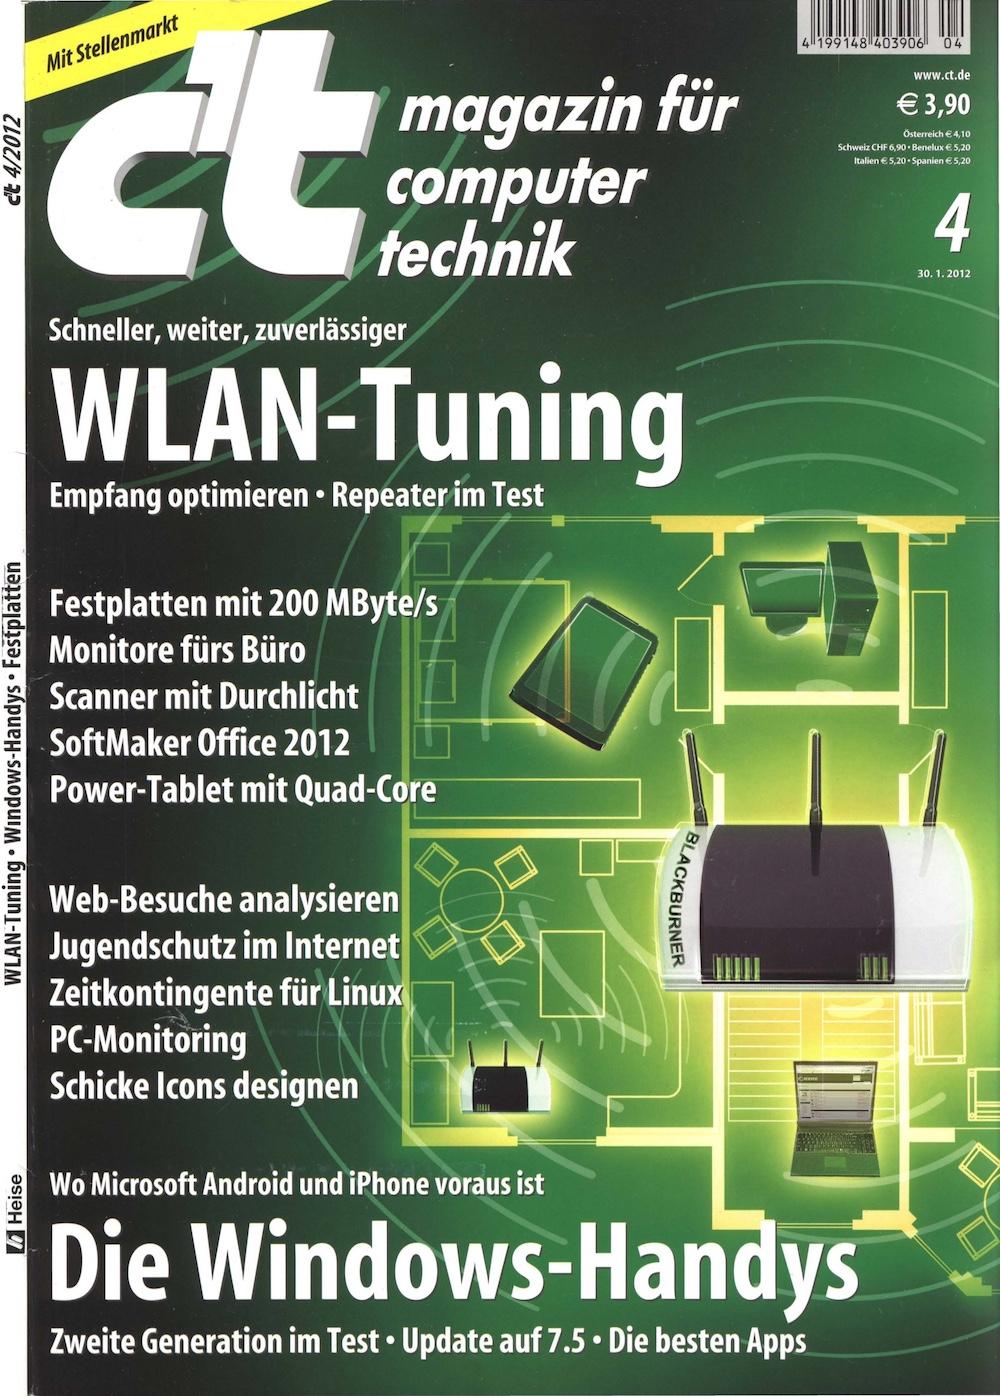 c't Magazin 2012-04